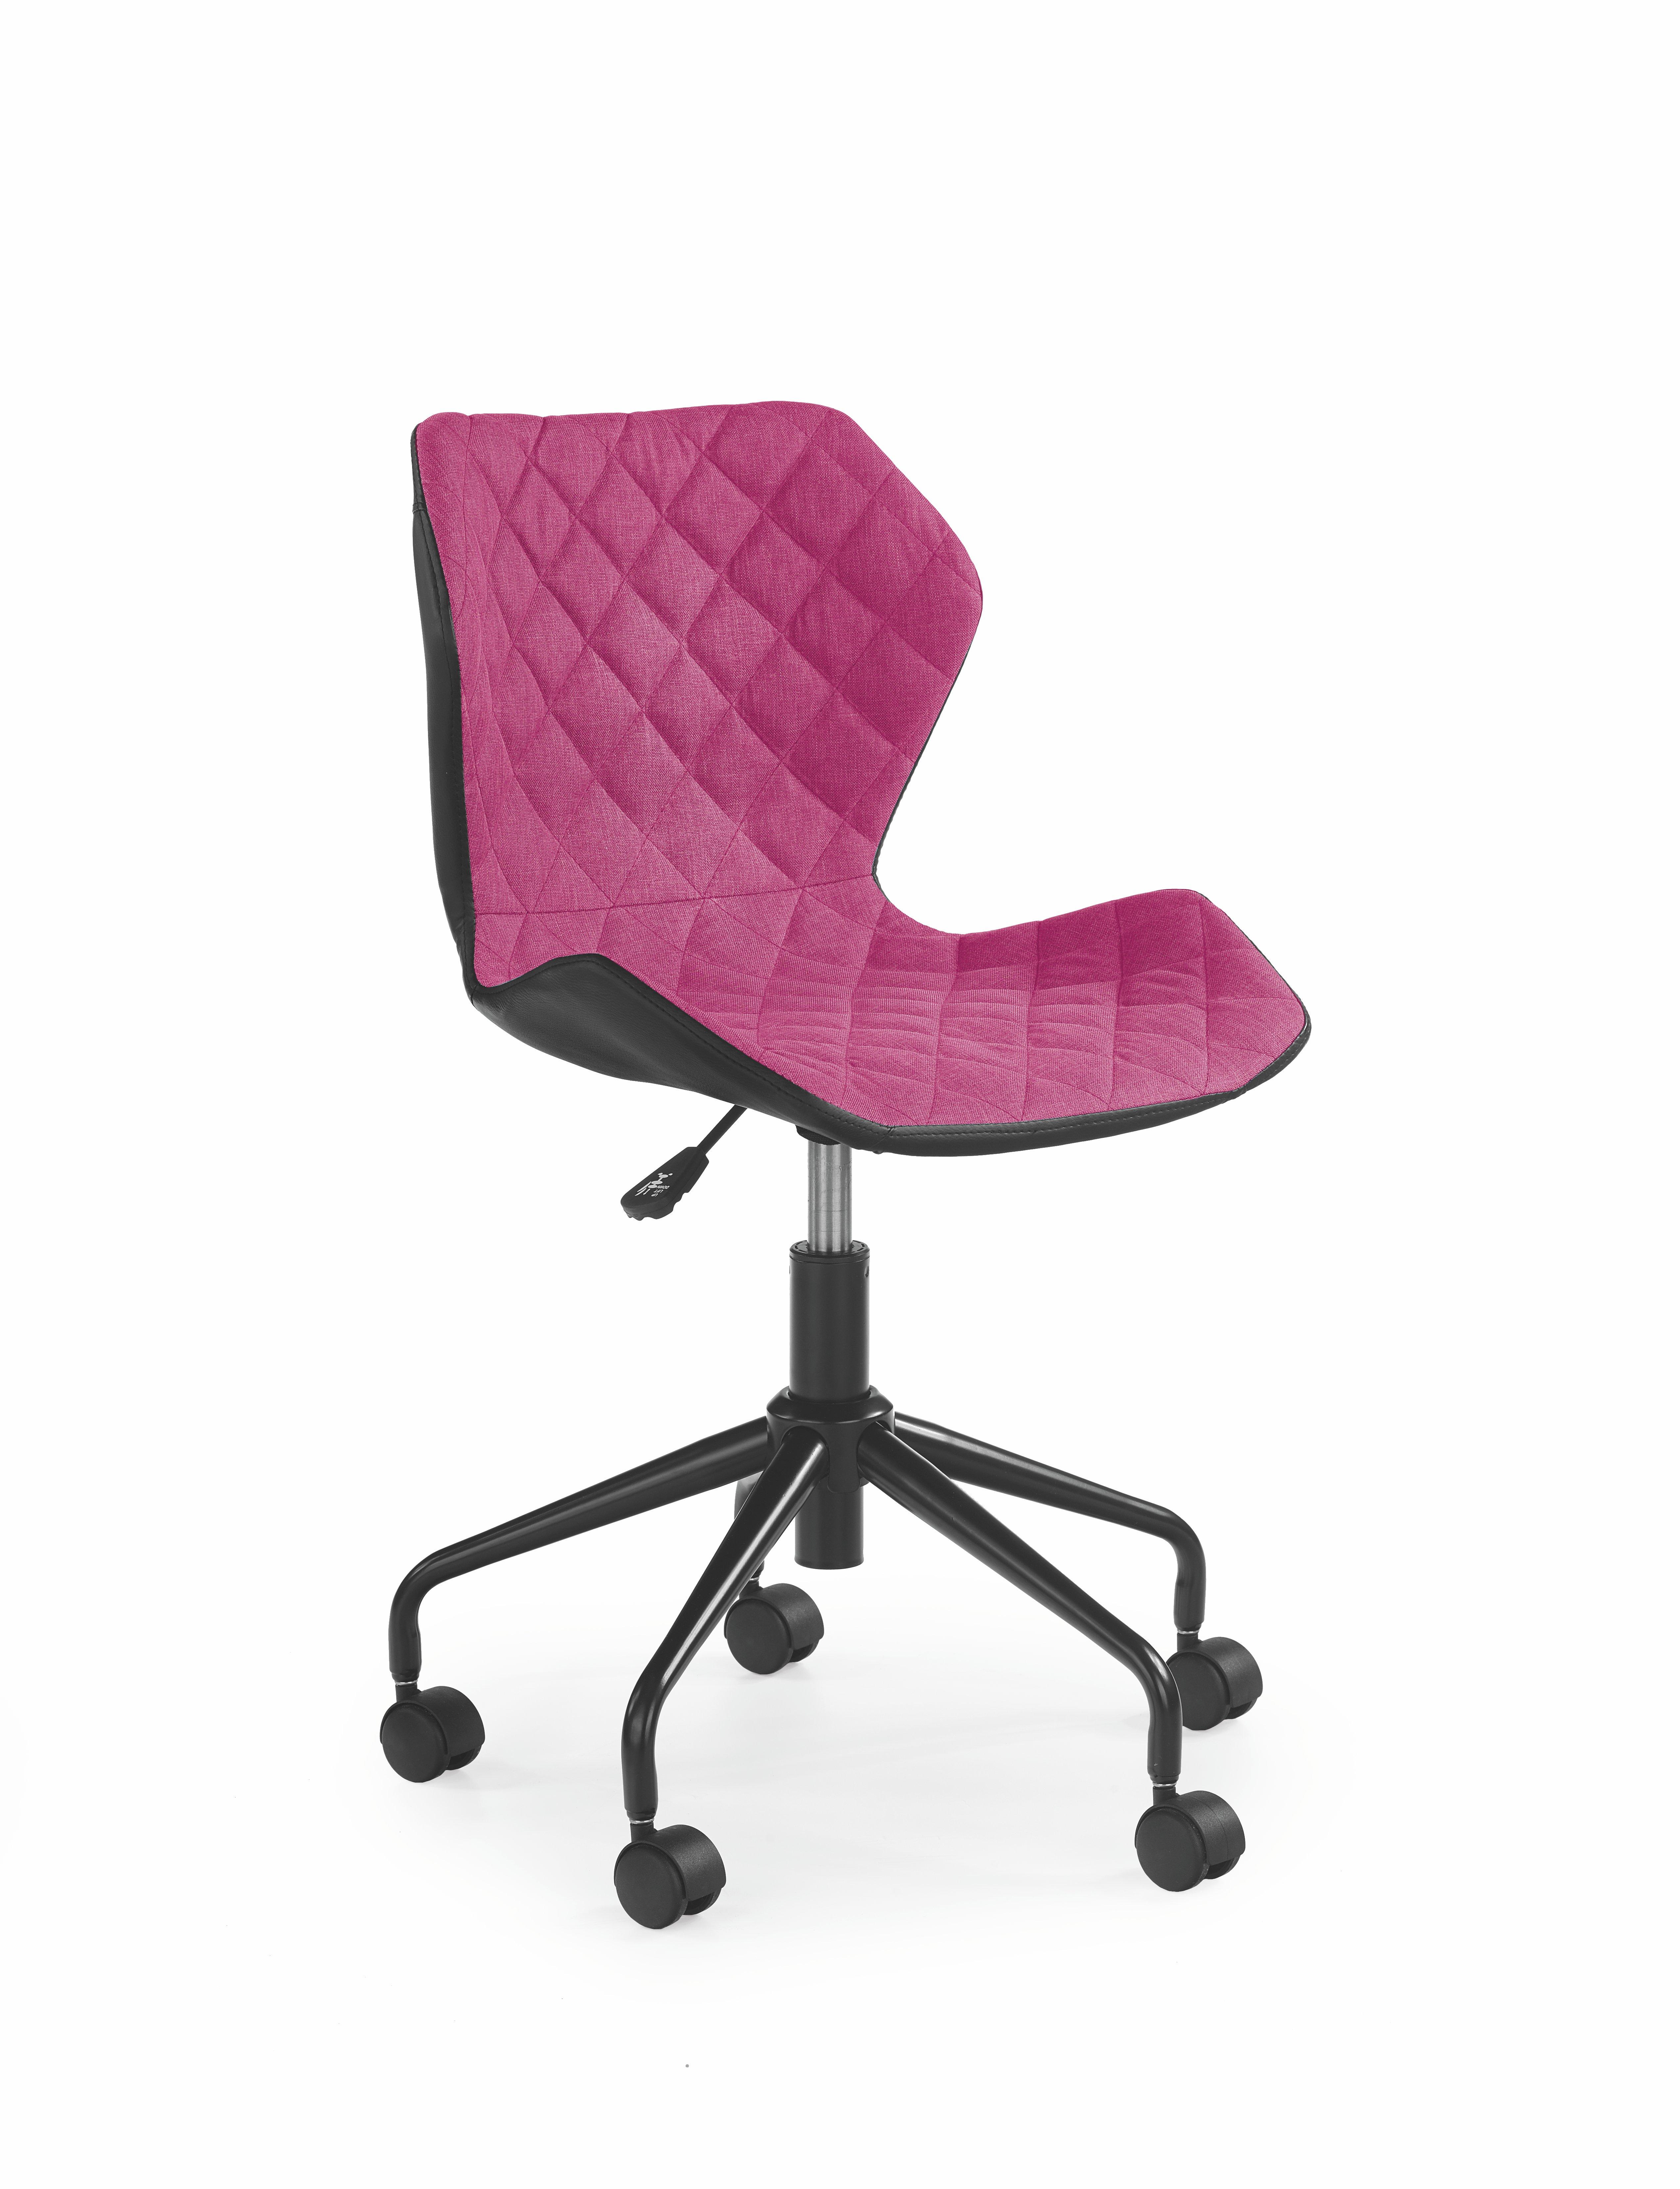 Detská stolička - Halmar - Matrix (ružová + čierna). Akcia -9%. Sme autorizovaný predajca Halmar. Vlastná spoľahlivá doprava až k Vám domov.